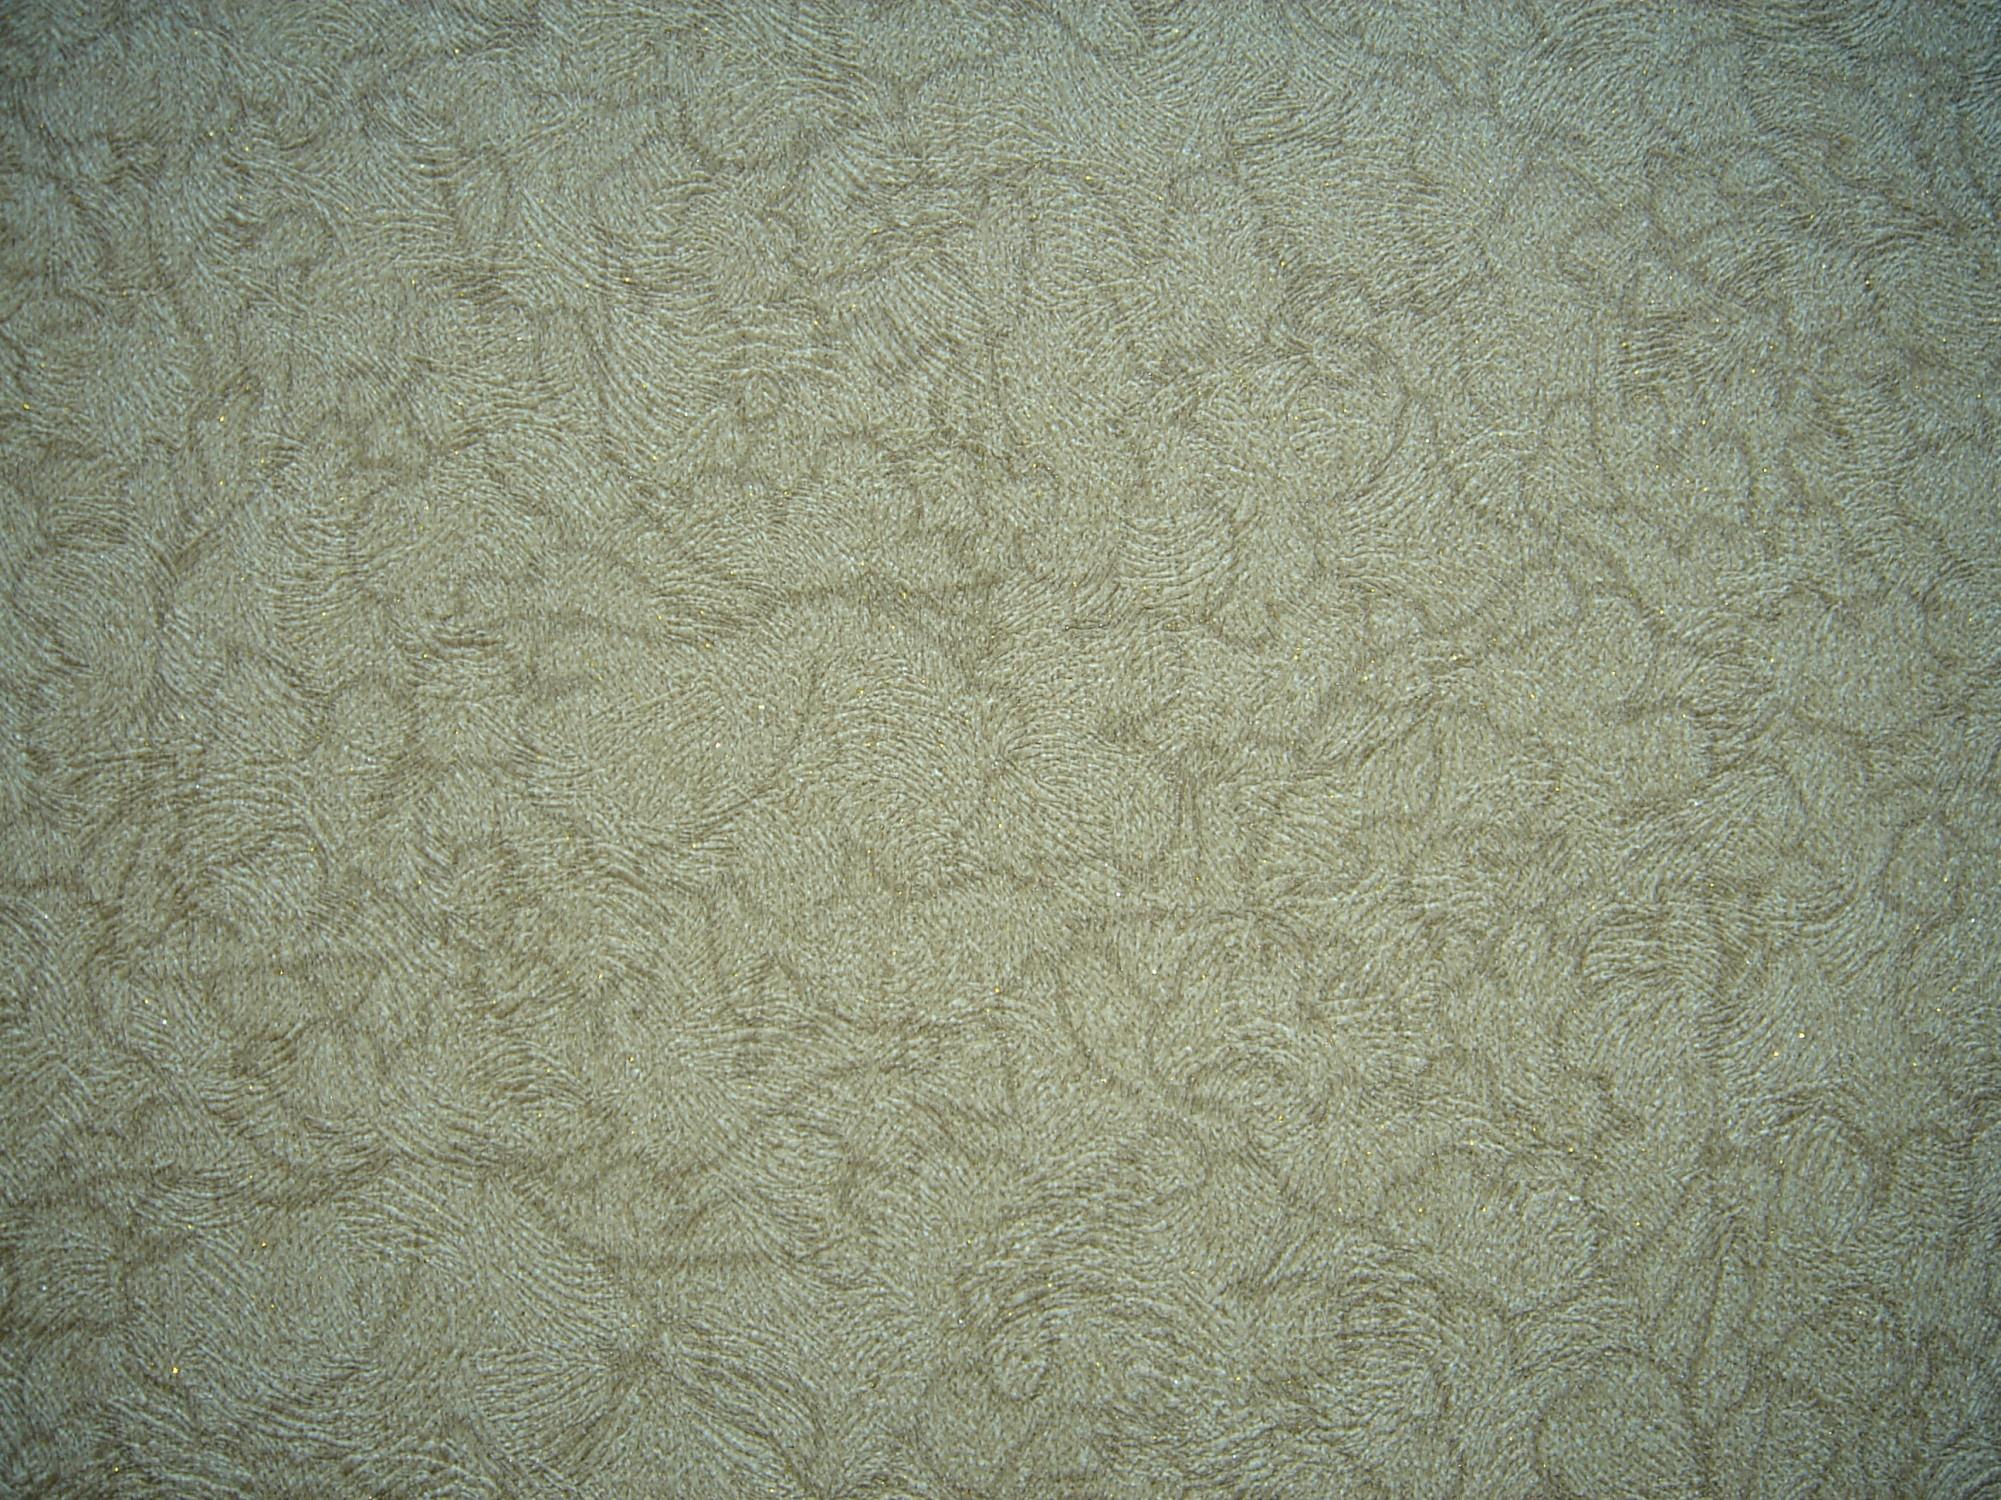 装饰壁纸 家装壁纸 环保壁纸